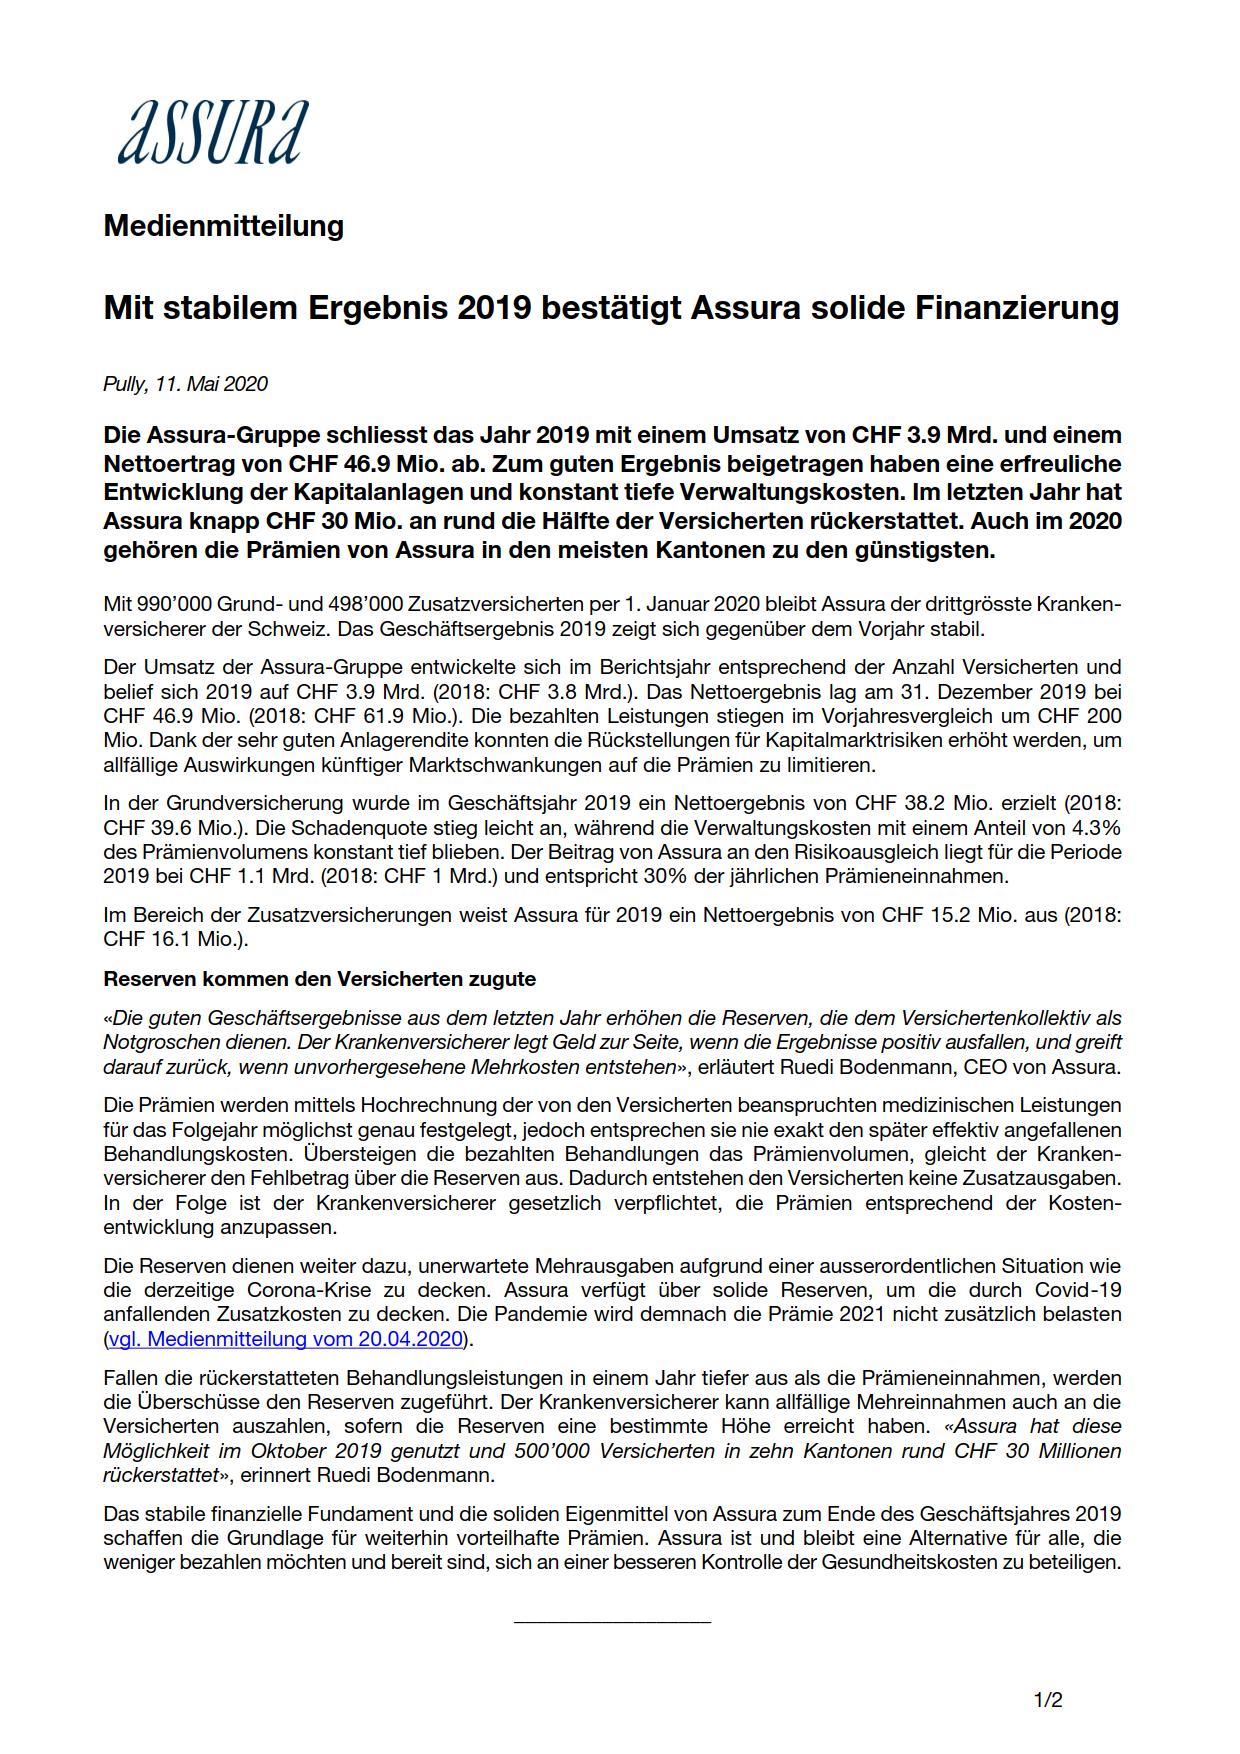 Thumbnail of Mit stabilem Ergebnis 2019 bestätigt Assura solide Finanzierung